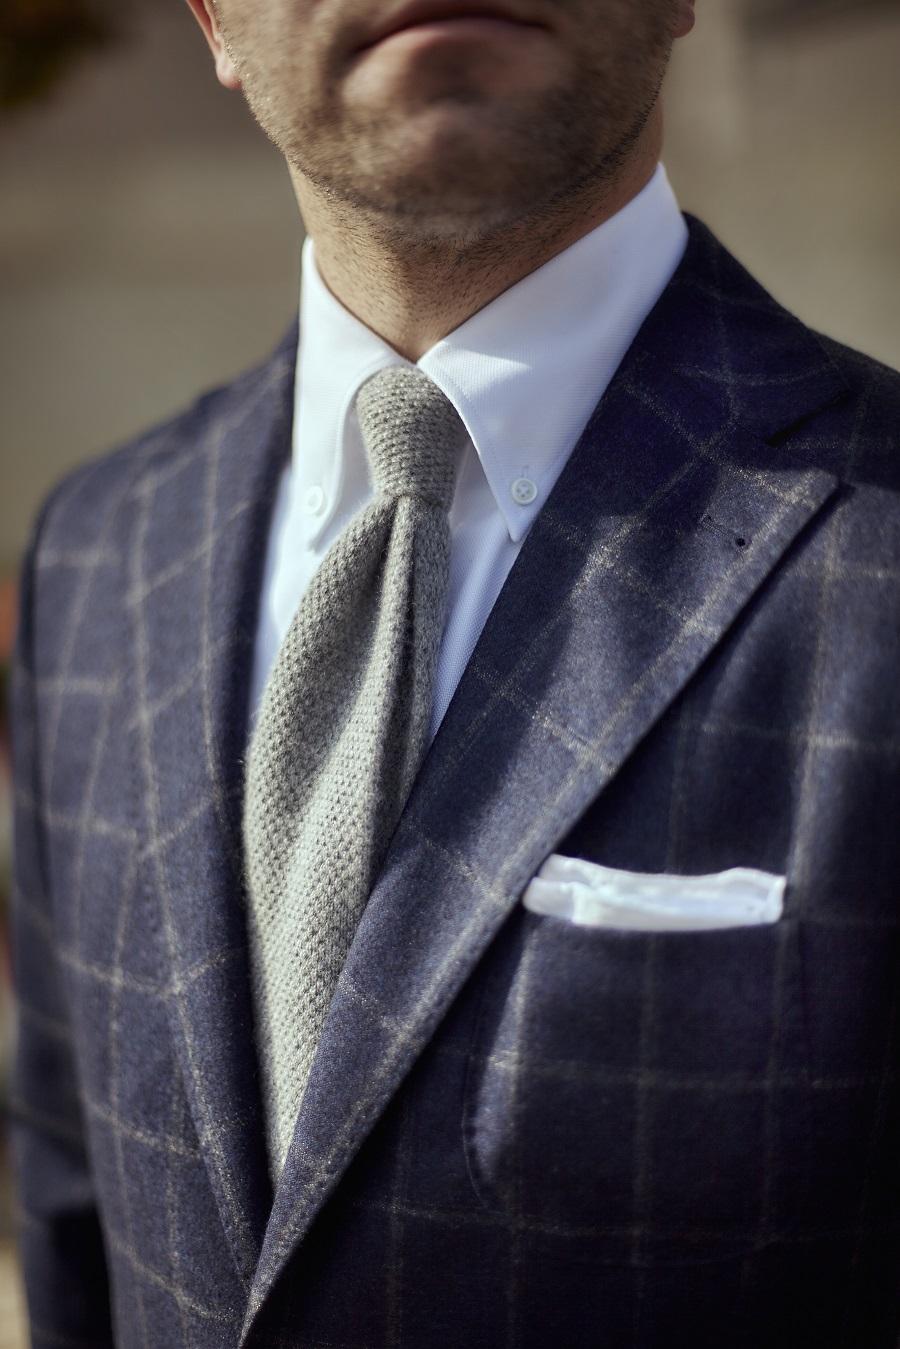 cd56cb658124c Kołnierz z guziczkami i krawat to błąd. Prawda czy mit?   Mr Vintage -  rzeczowo o modzie męskiej - Porady i Blog